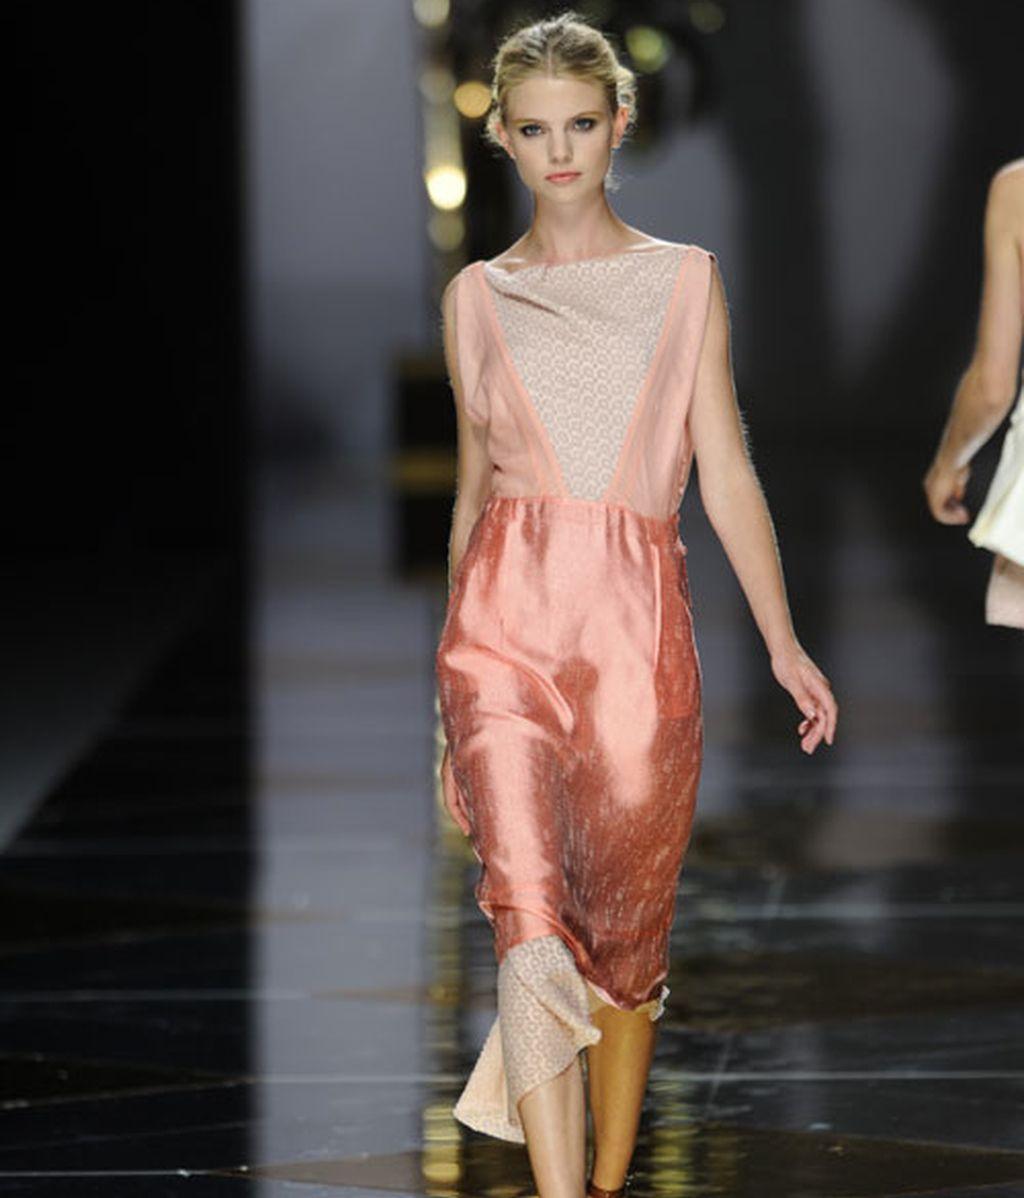 Colores vidriosos y sensualidad en la propuesta de Ailanto